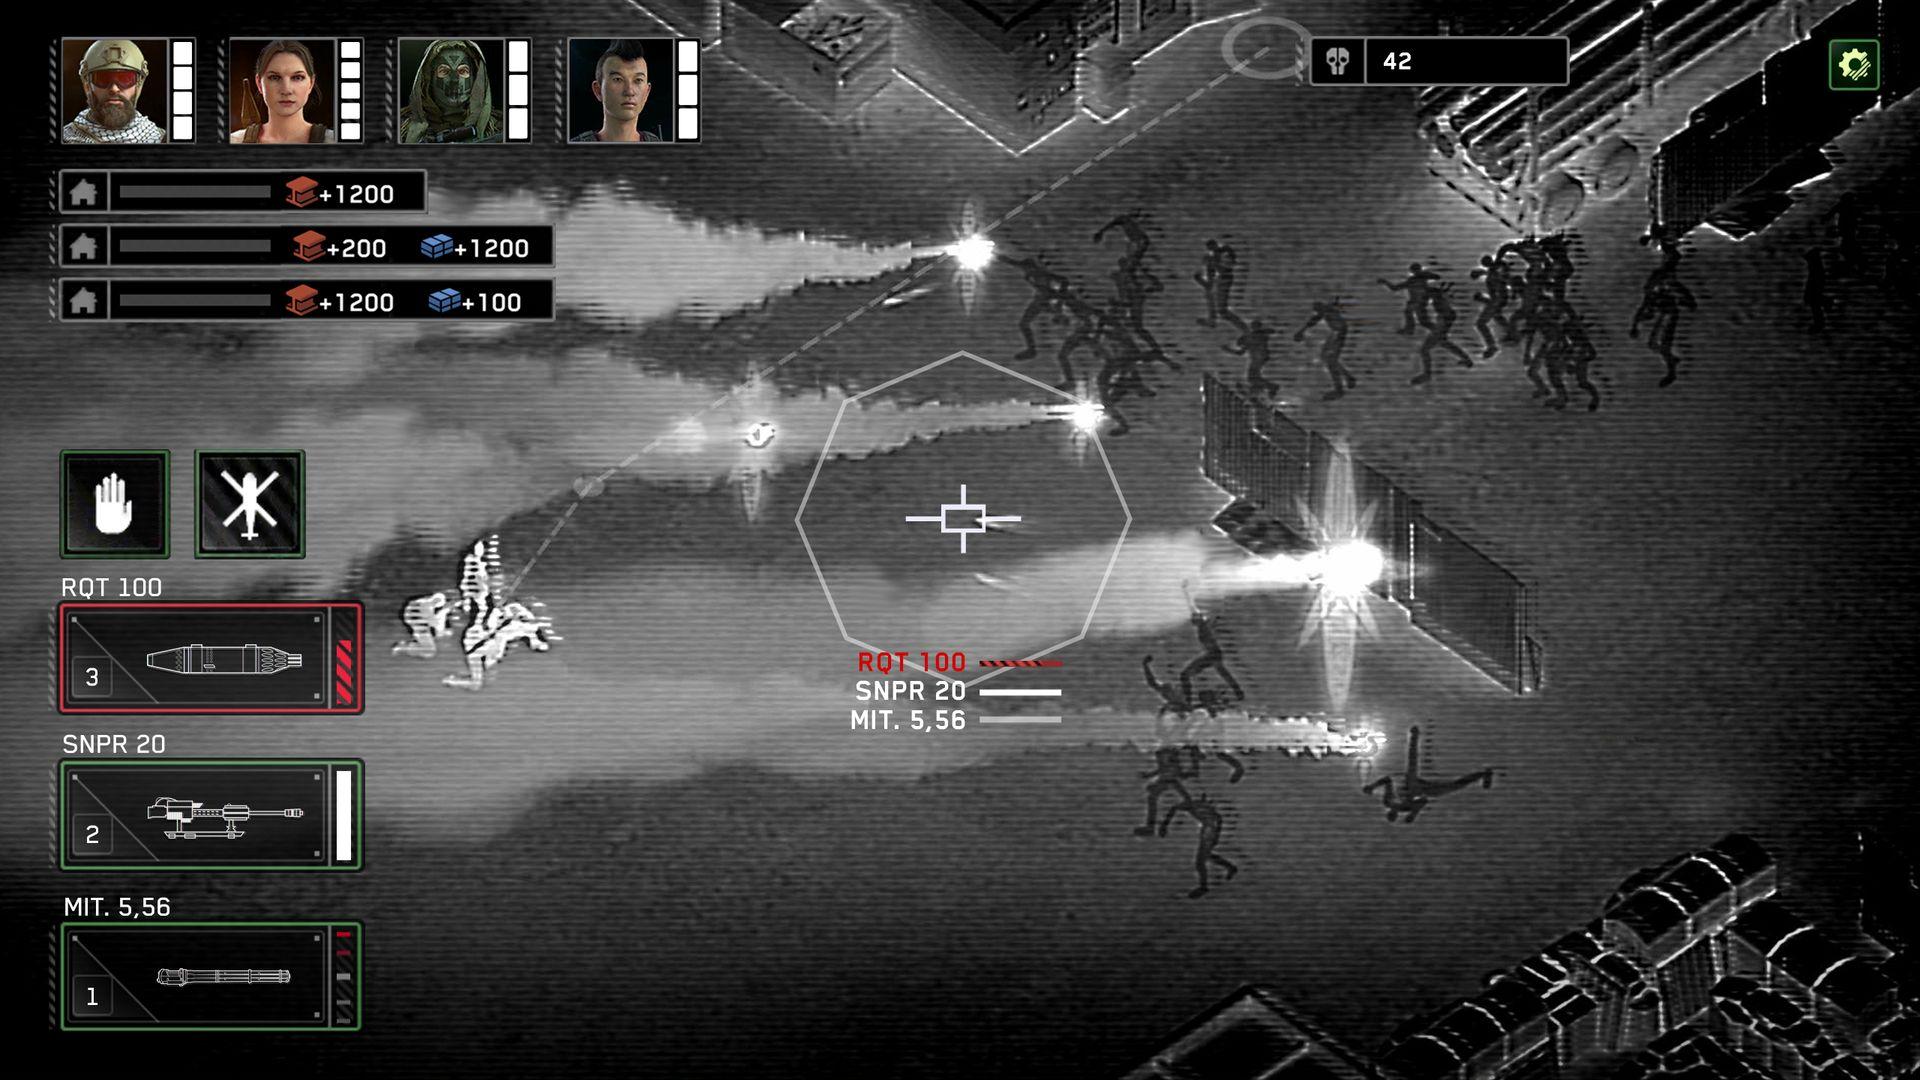 zombie-gunship-survival-image-4